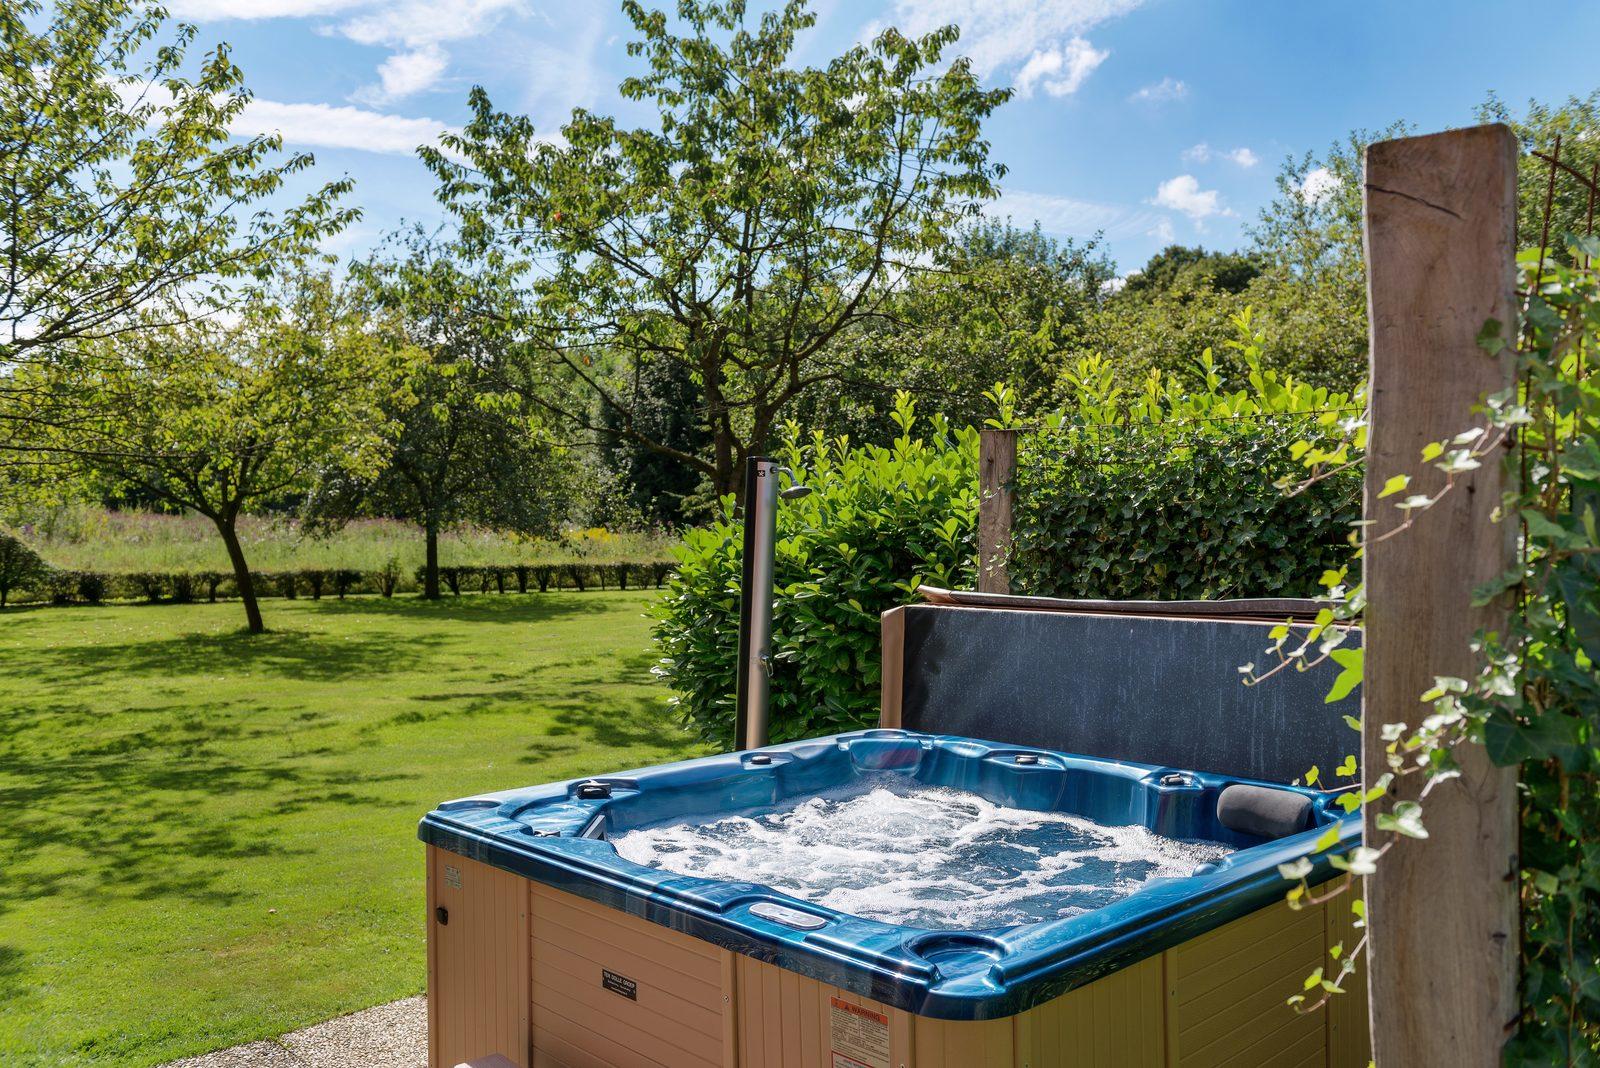 Vakantiehuizen met zwembad, sauna en jacuzzi in Nederland, België, Duitsland, Frankrijk